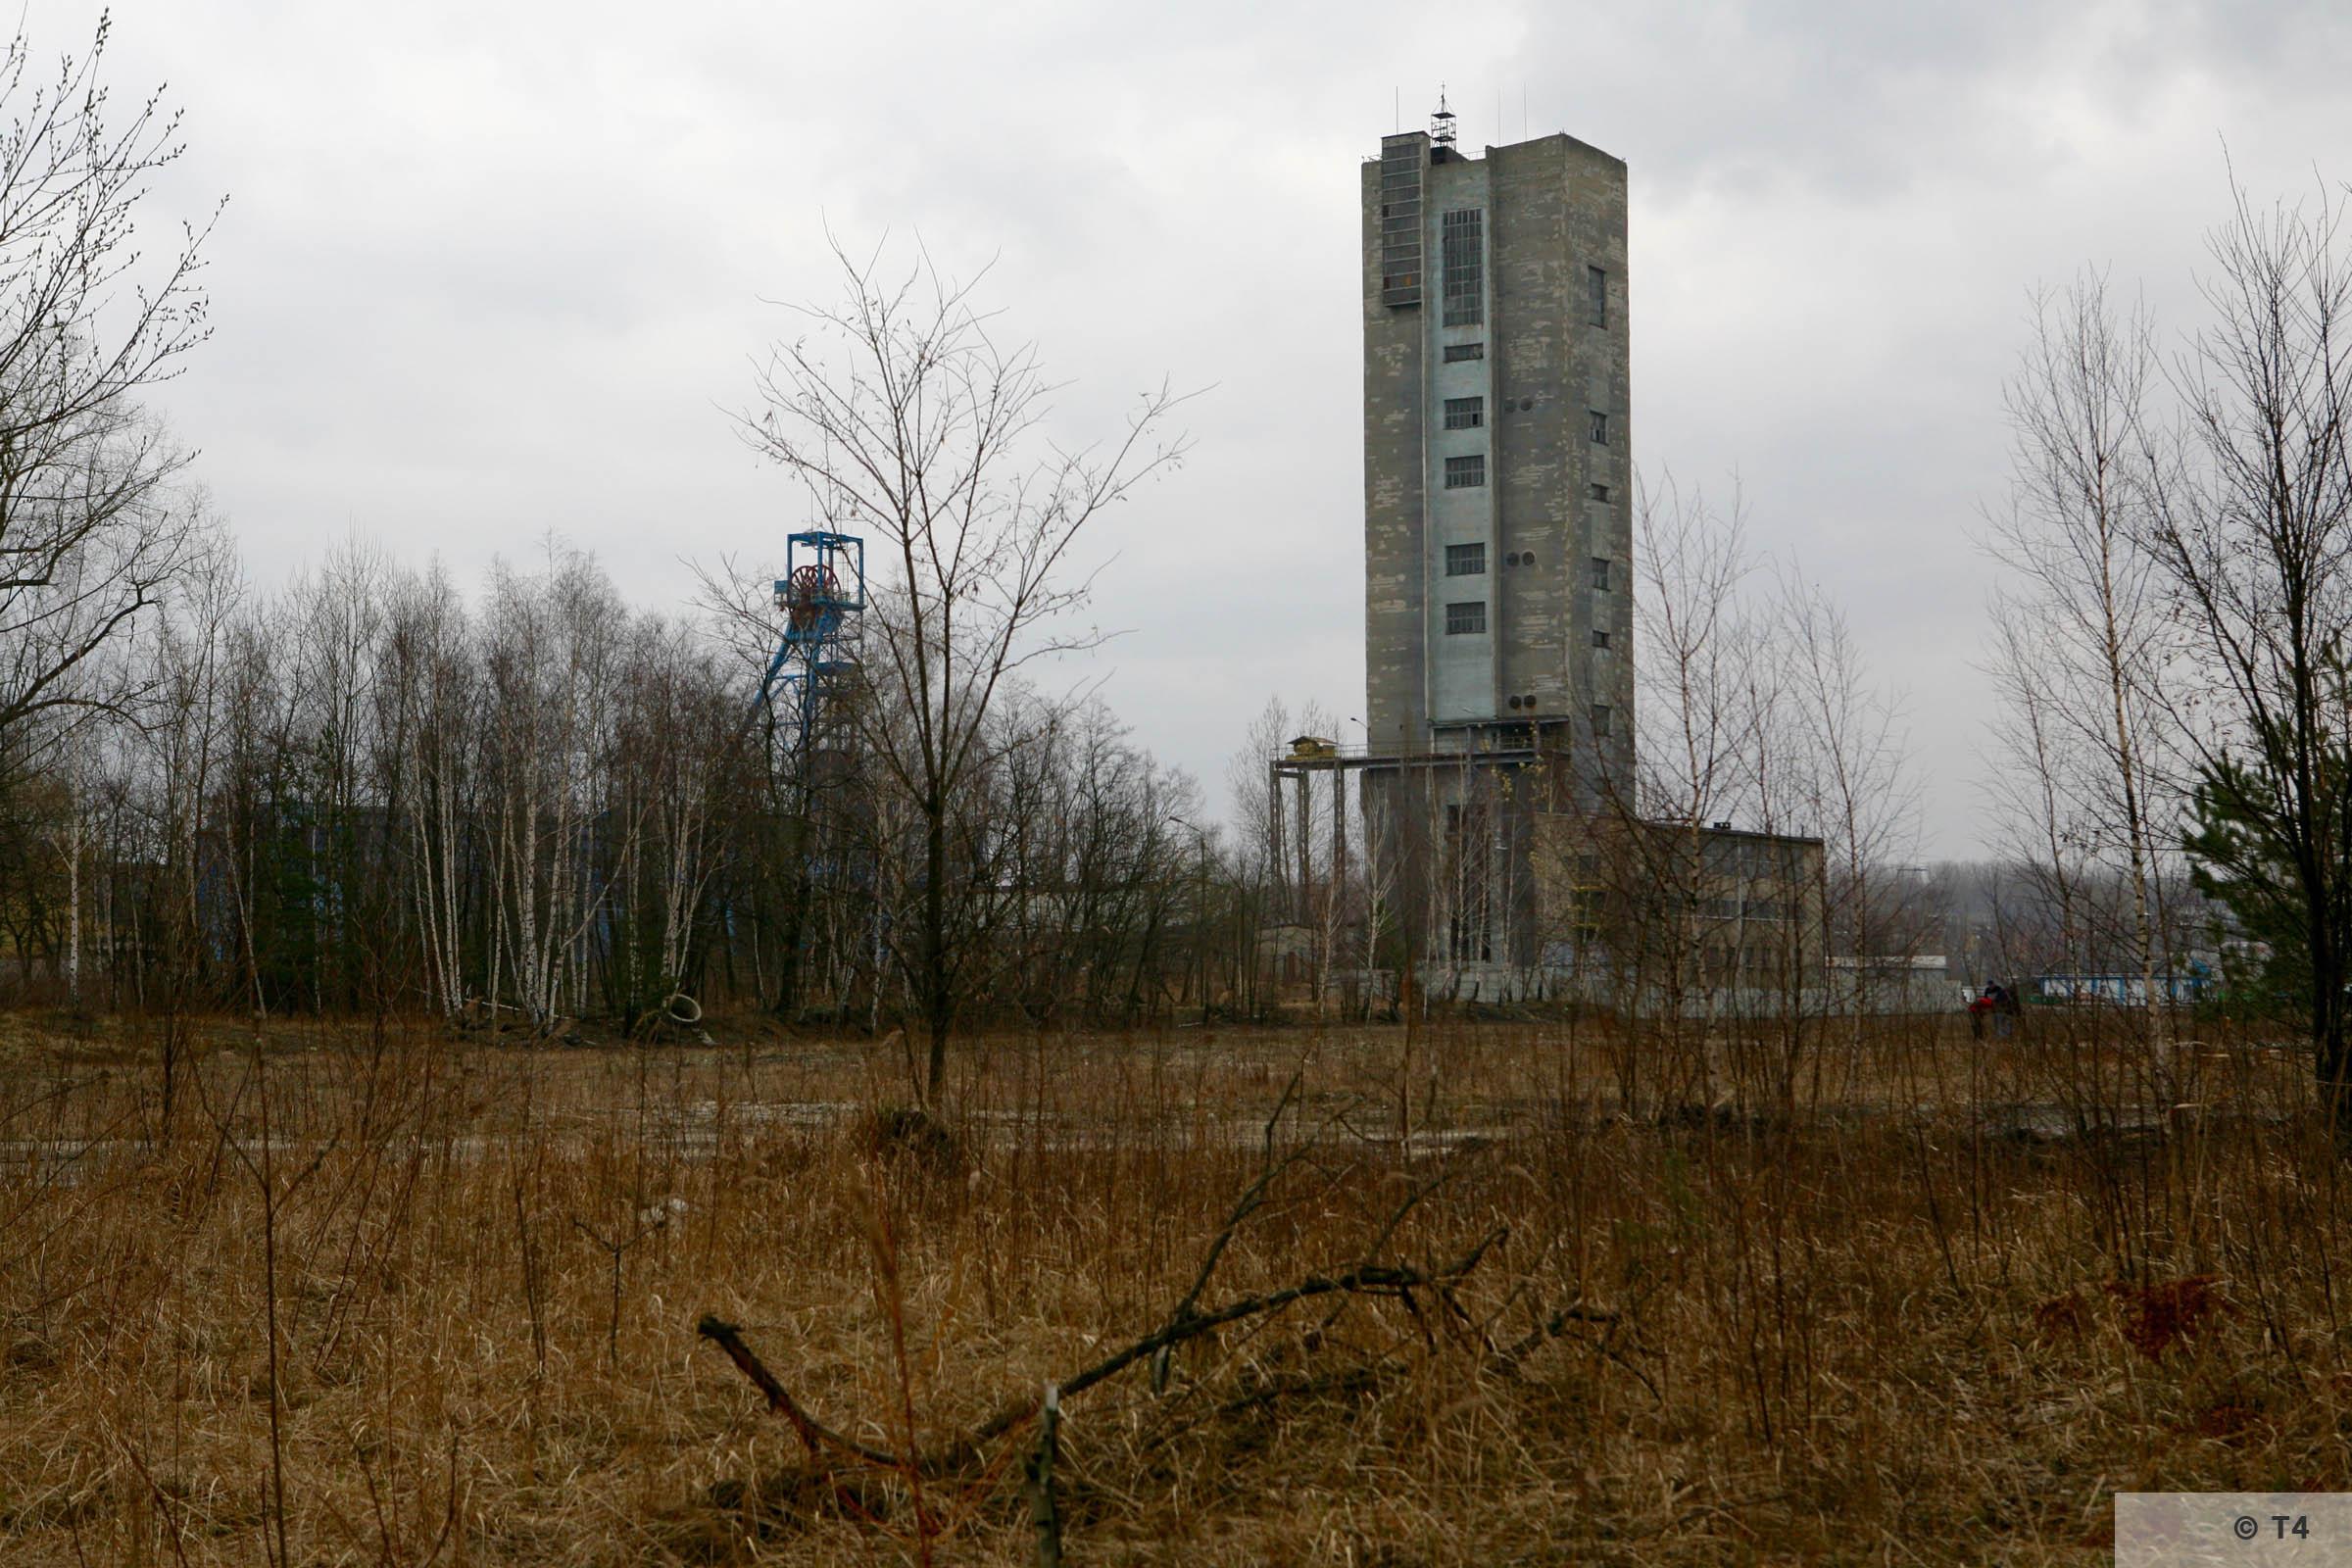 Former Dachsgrube mine. 2007 T4 6257